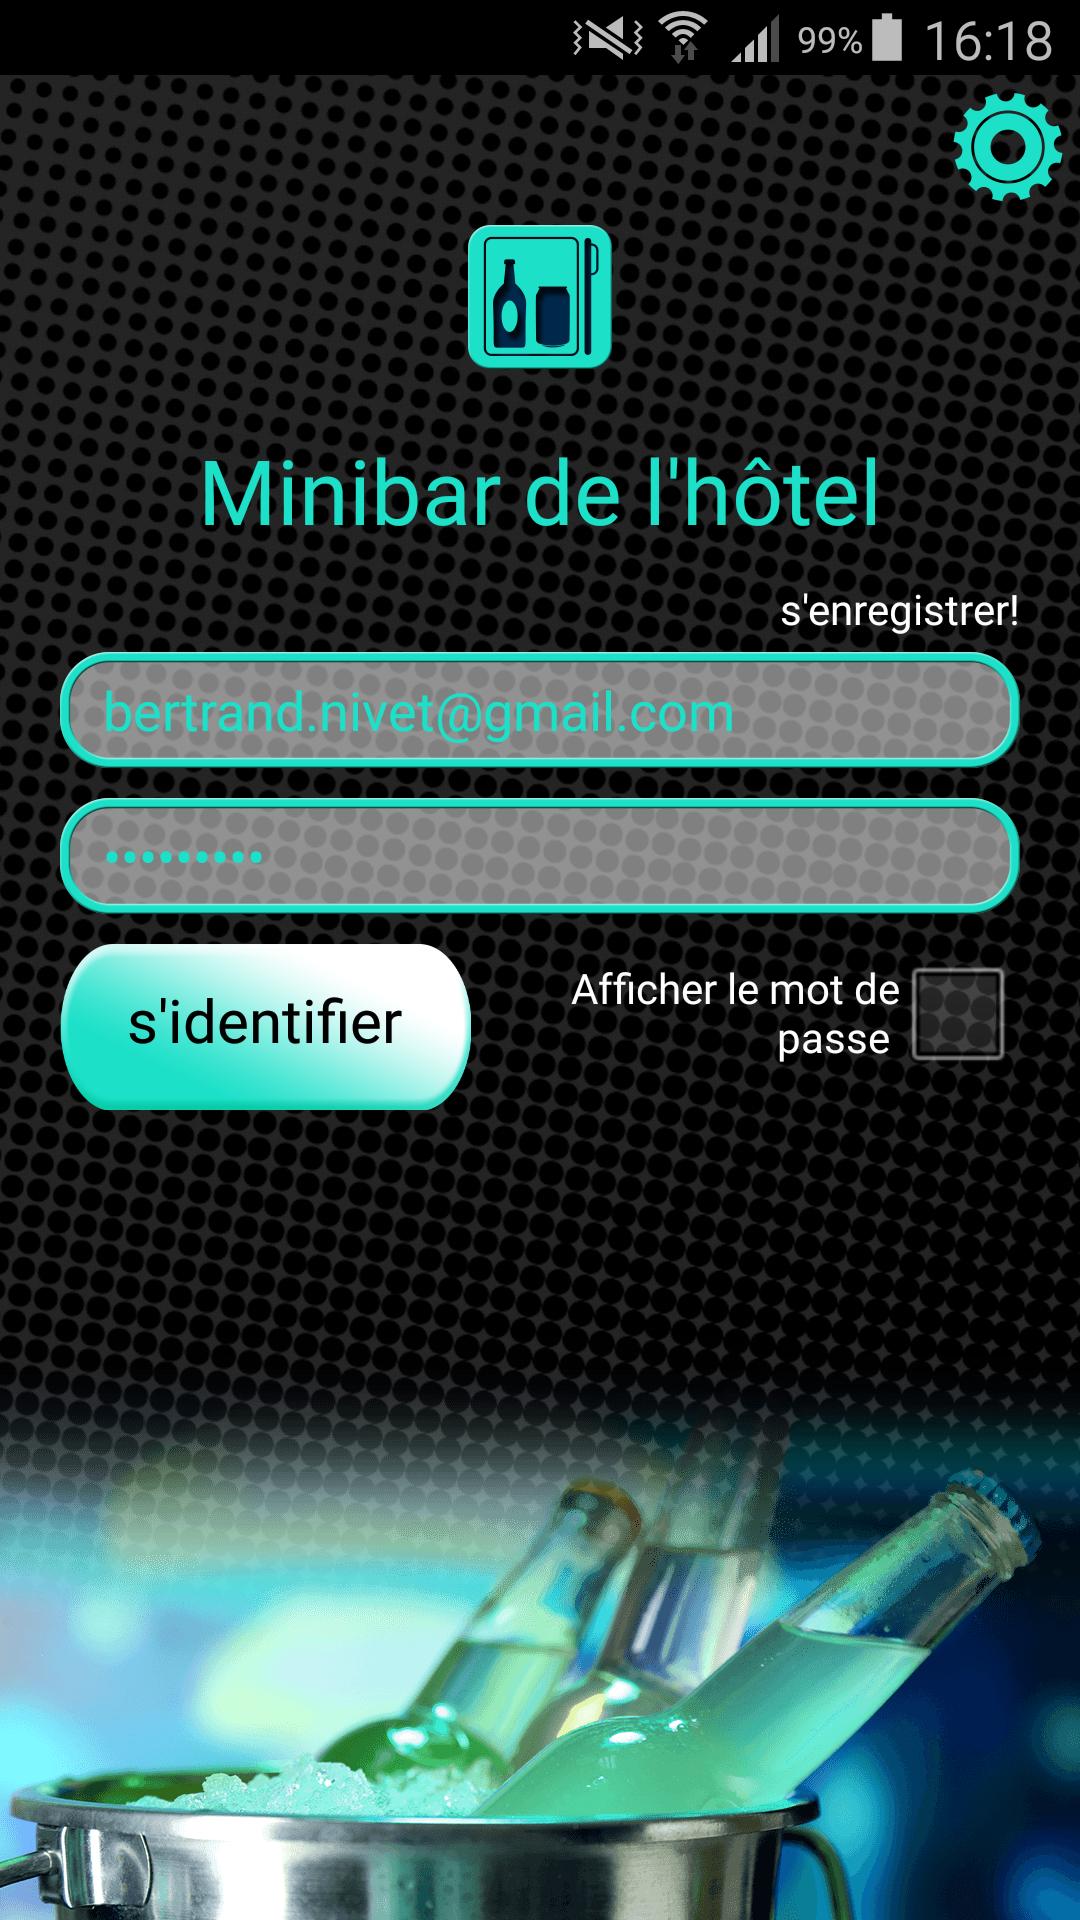 ginstr_app_hotelMinibarChecklist_FR_1